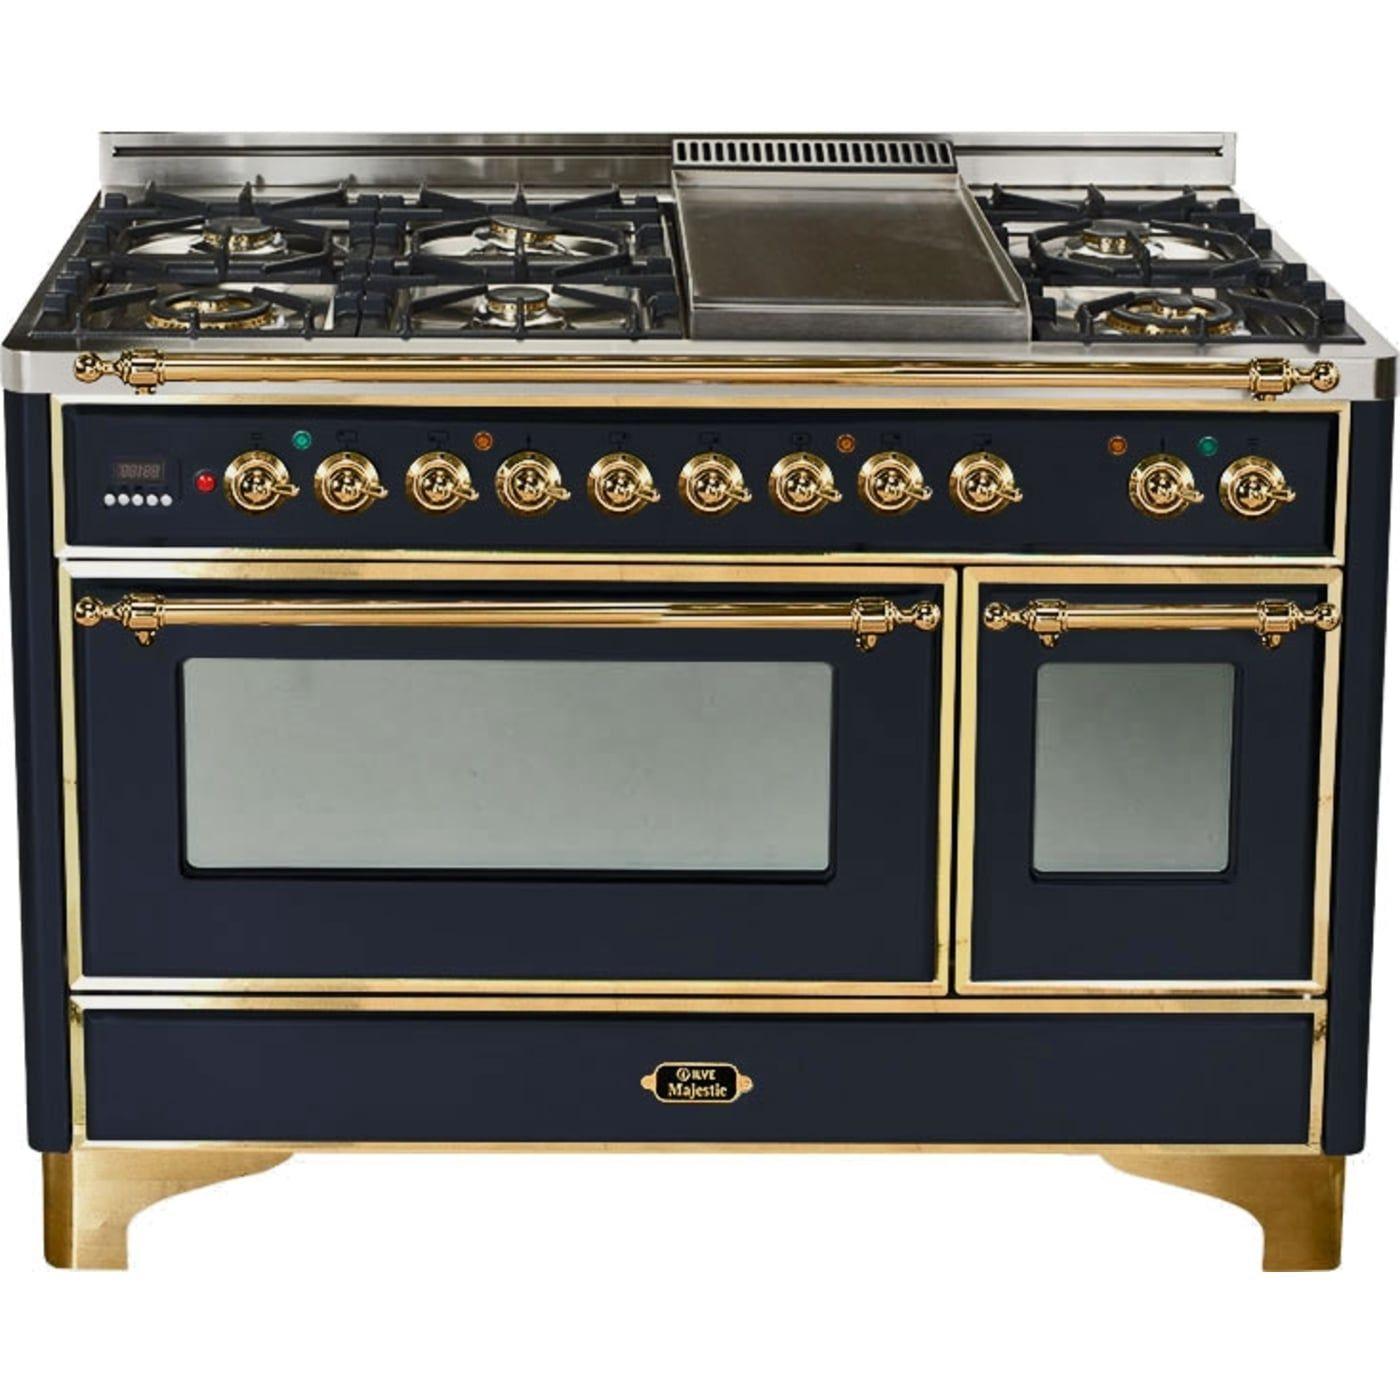 Ilve Um120fdmpn Lp Dual Fuel Ranges Ilve Cooking Range